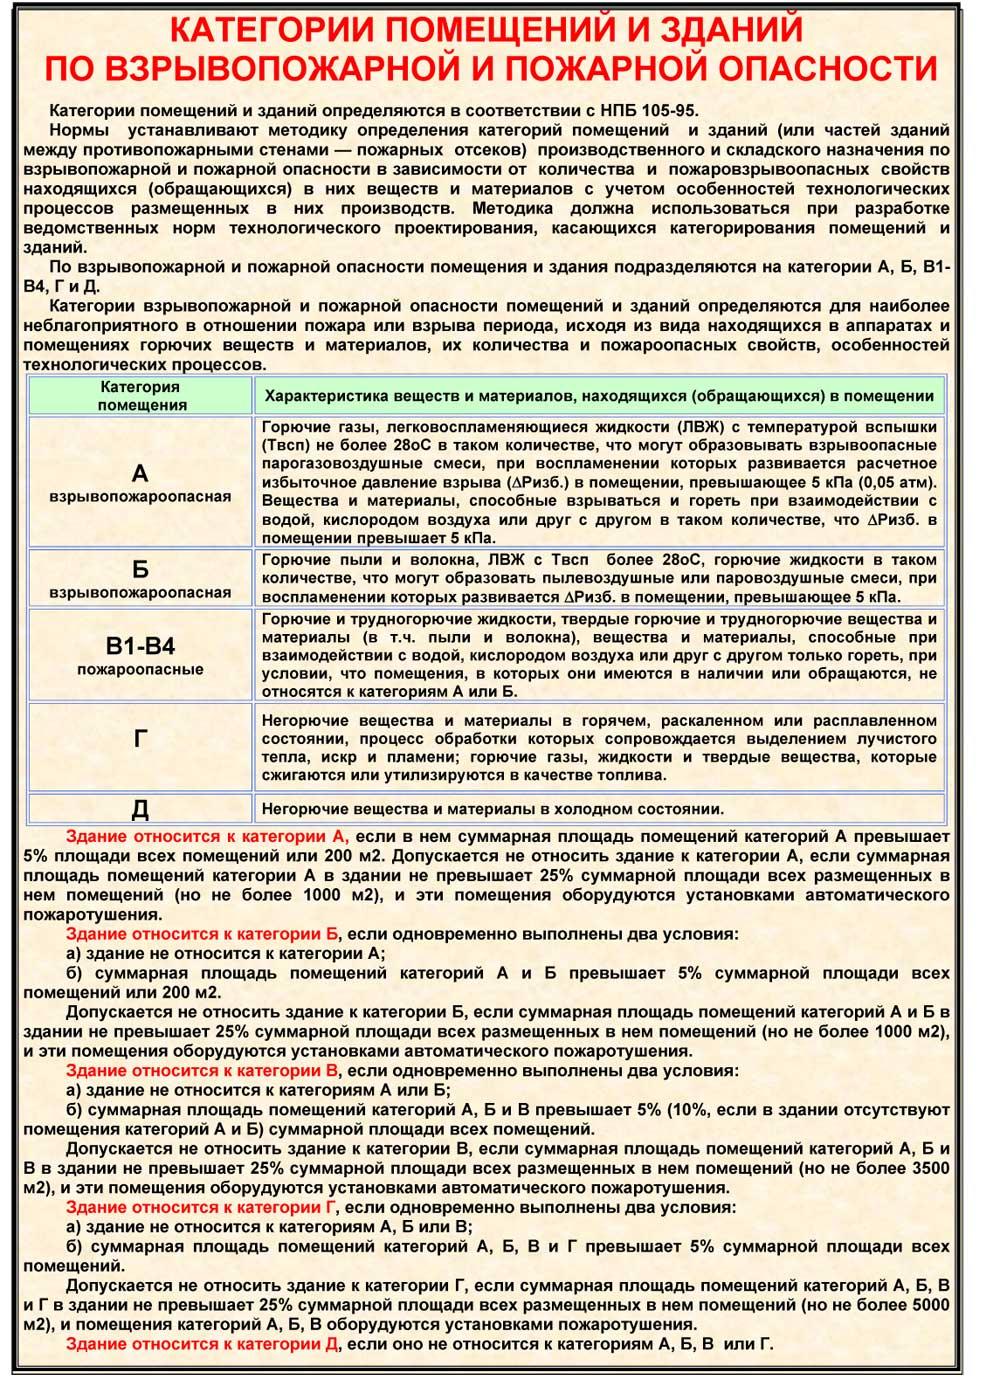 Программа расчёта категорий помещений определение